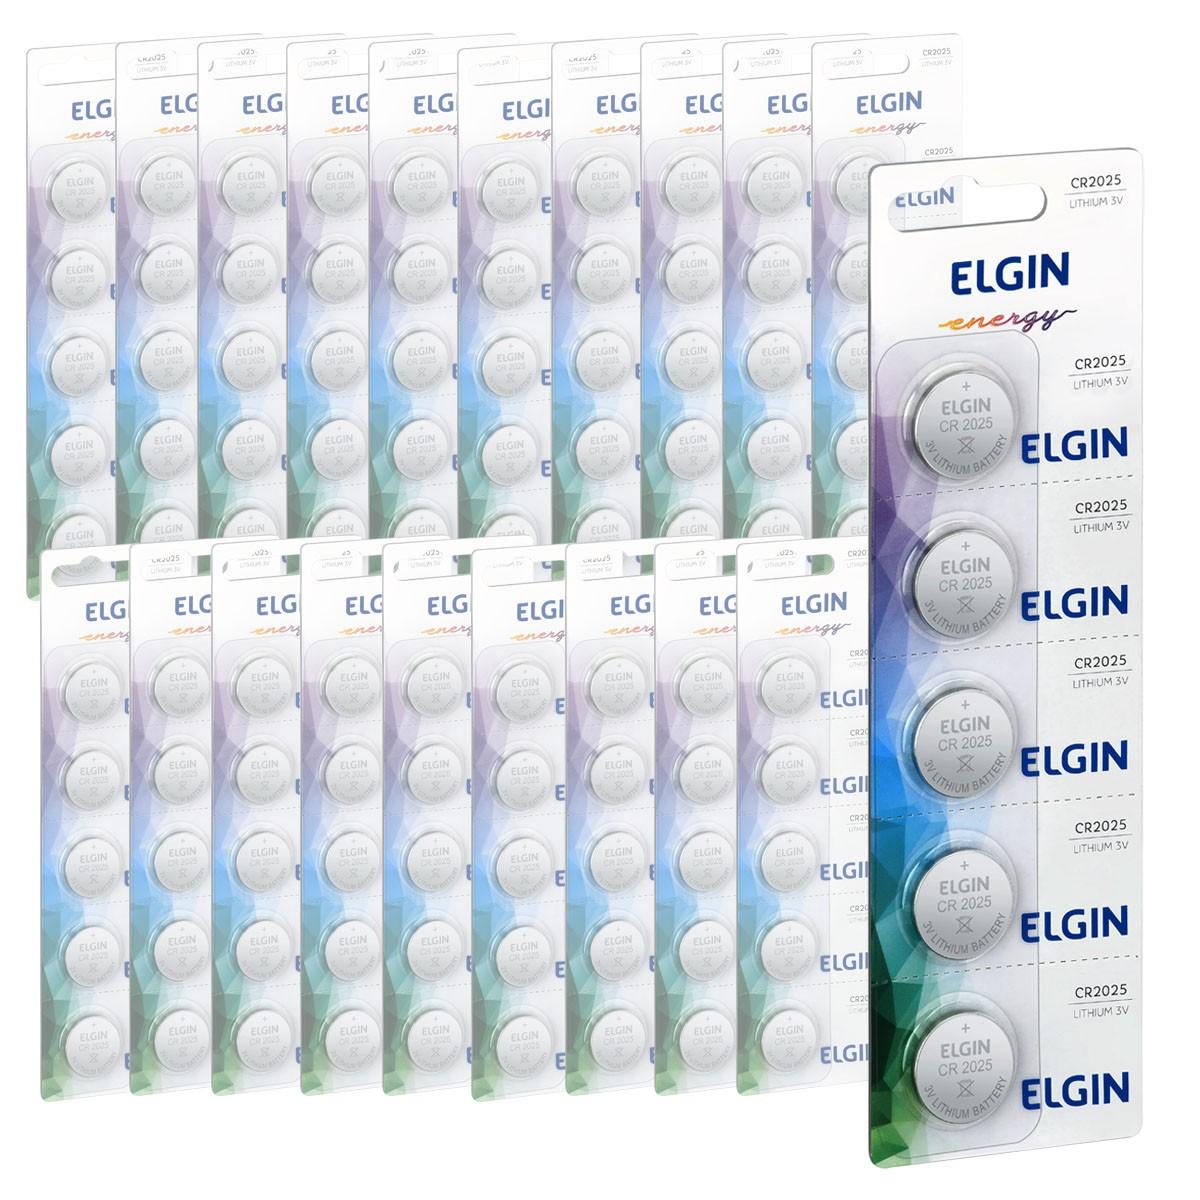 250 Baterias Pilhas Lithium 3V Elgin CR2025 50 cartela